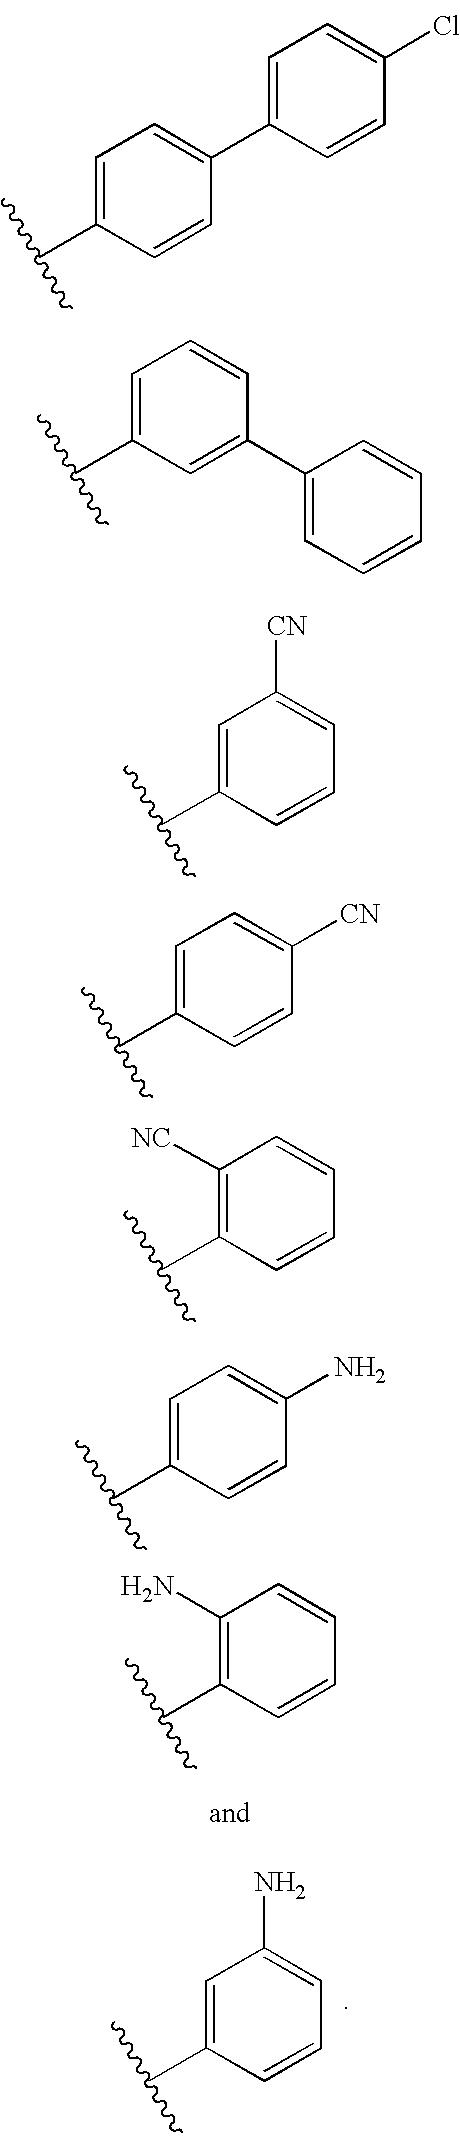 Figure US06498238-20021224-C00750